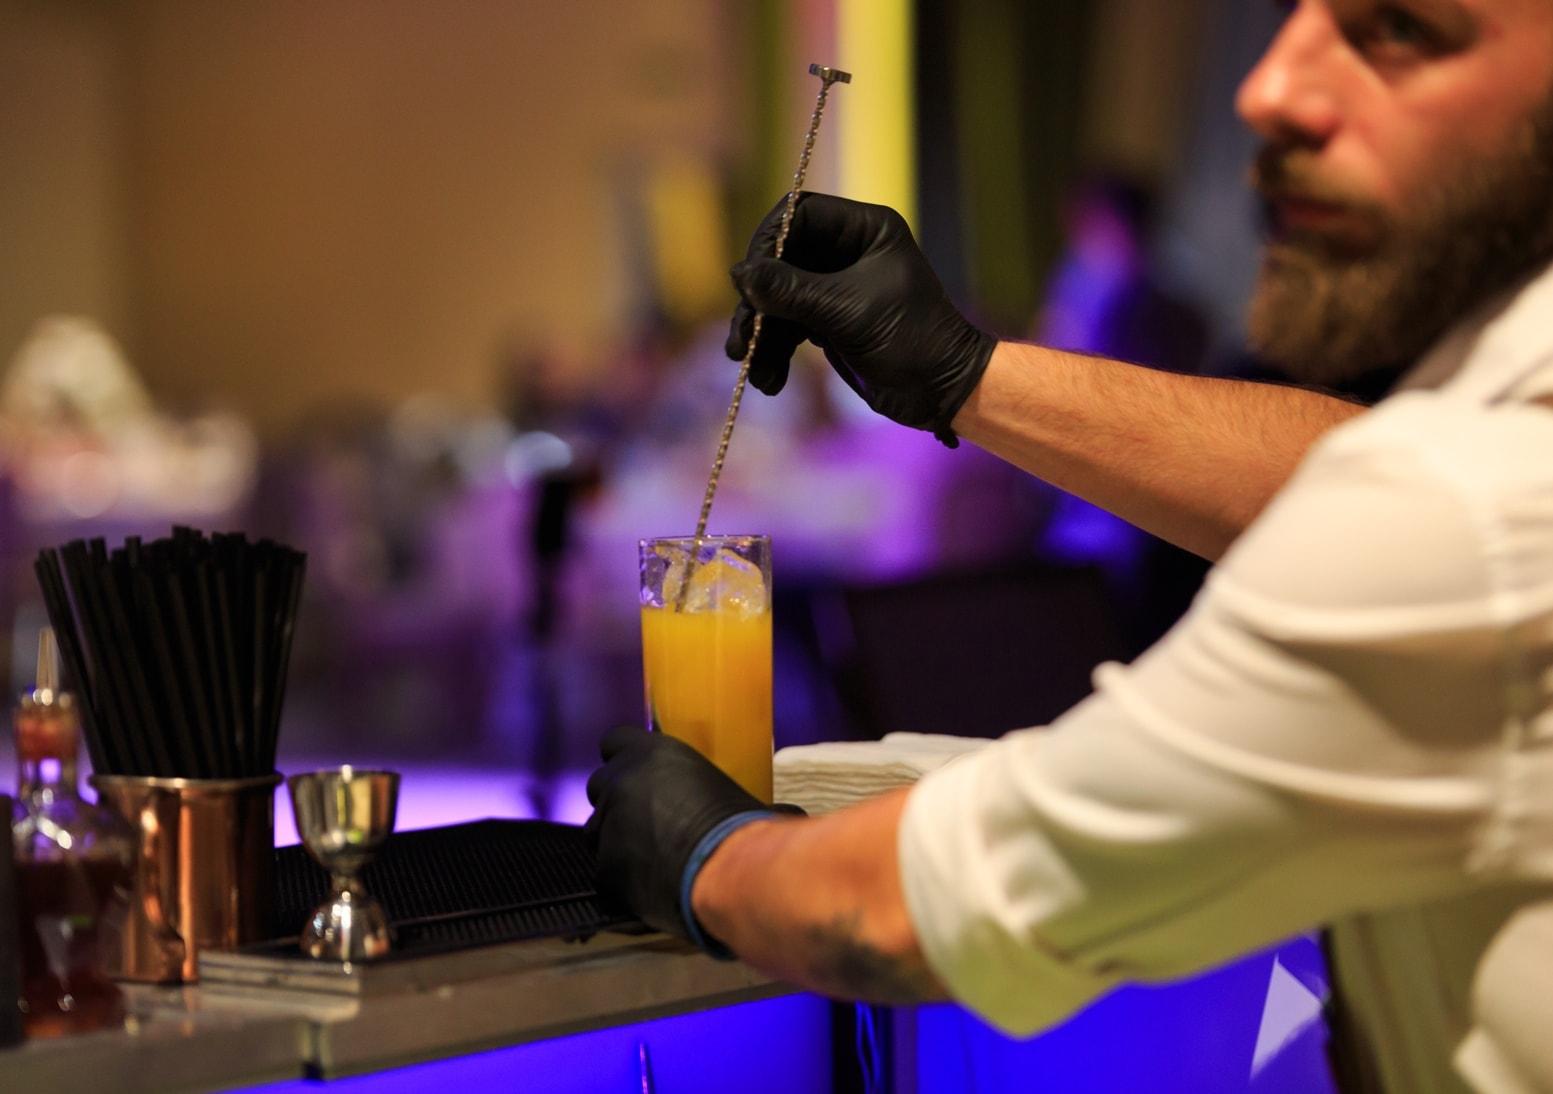 Bauturi alcoolice și non-alcoolice